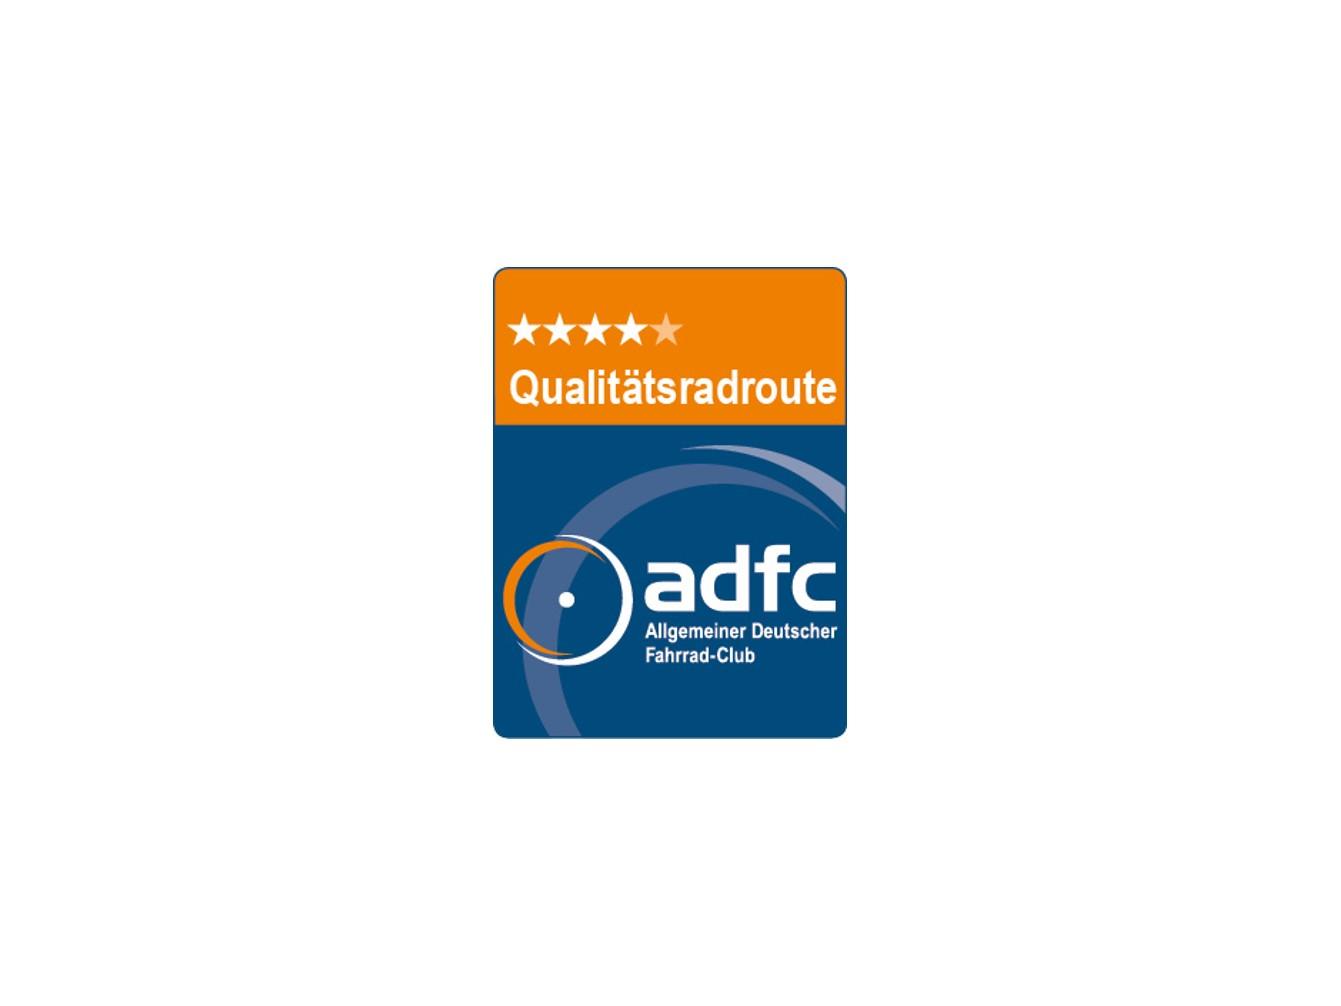 Logo ADFC Qualitätsroute